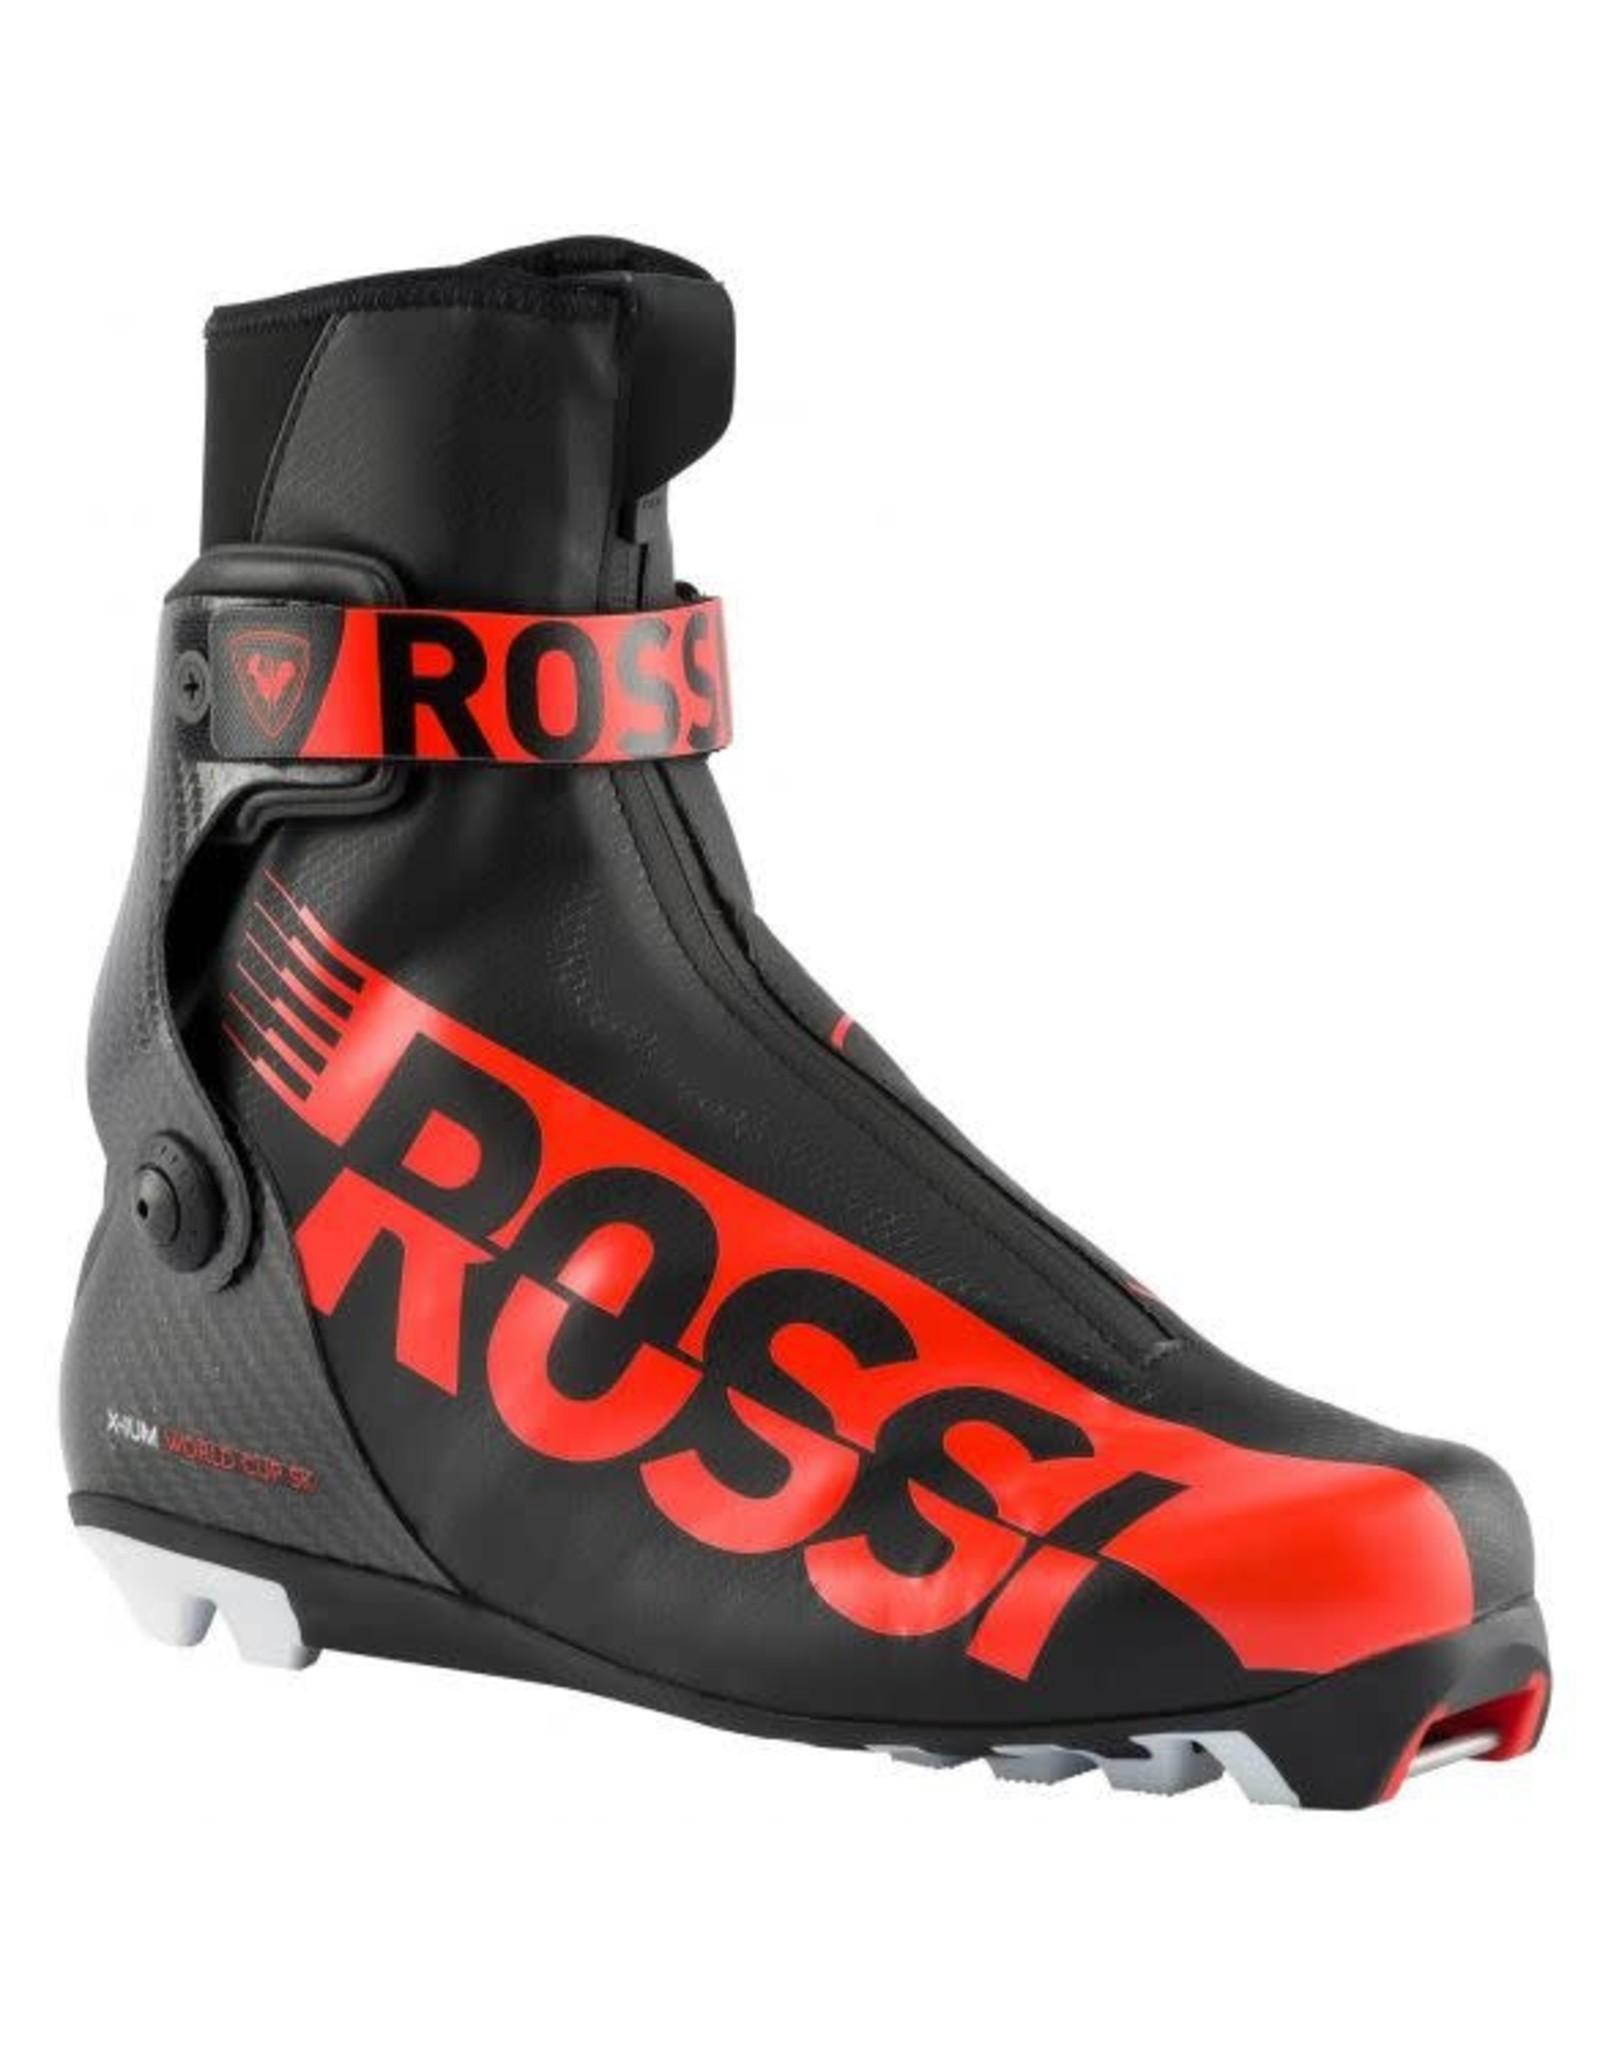 ROSSIGNOL CANADA '21 ROSSIGNOL, X-Ium Skate Boot